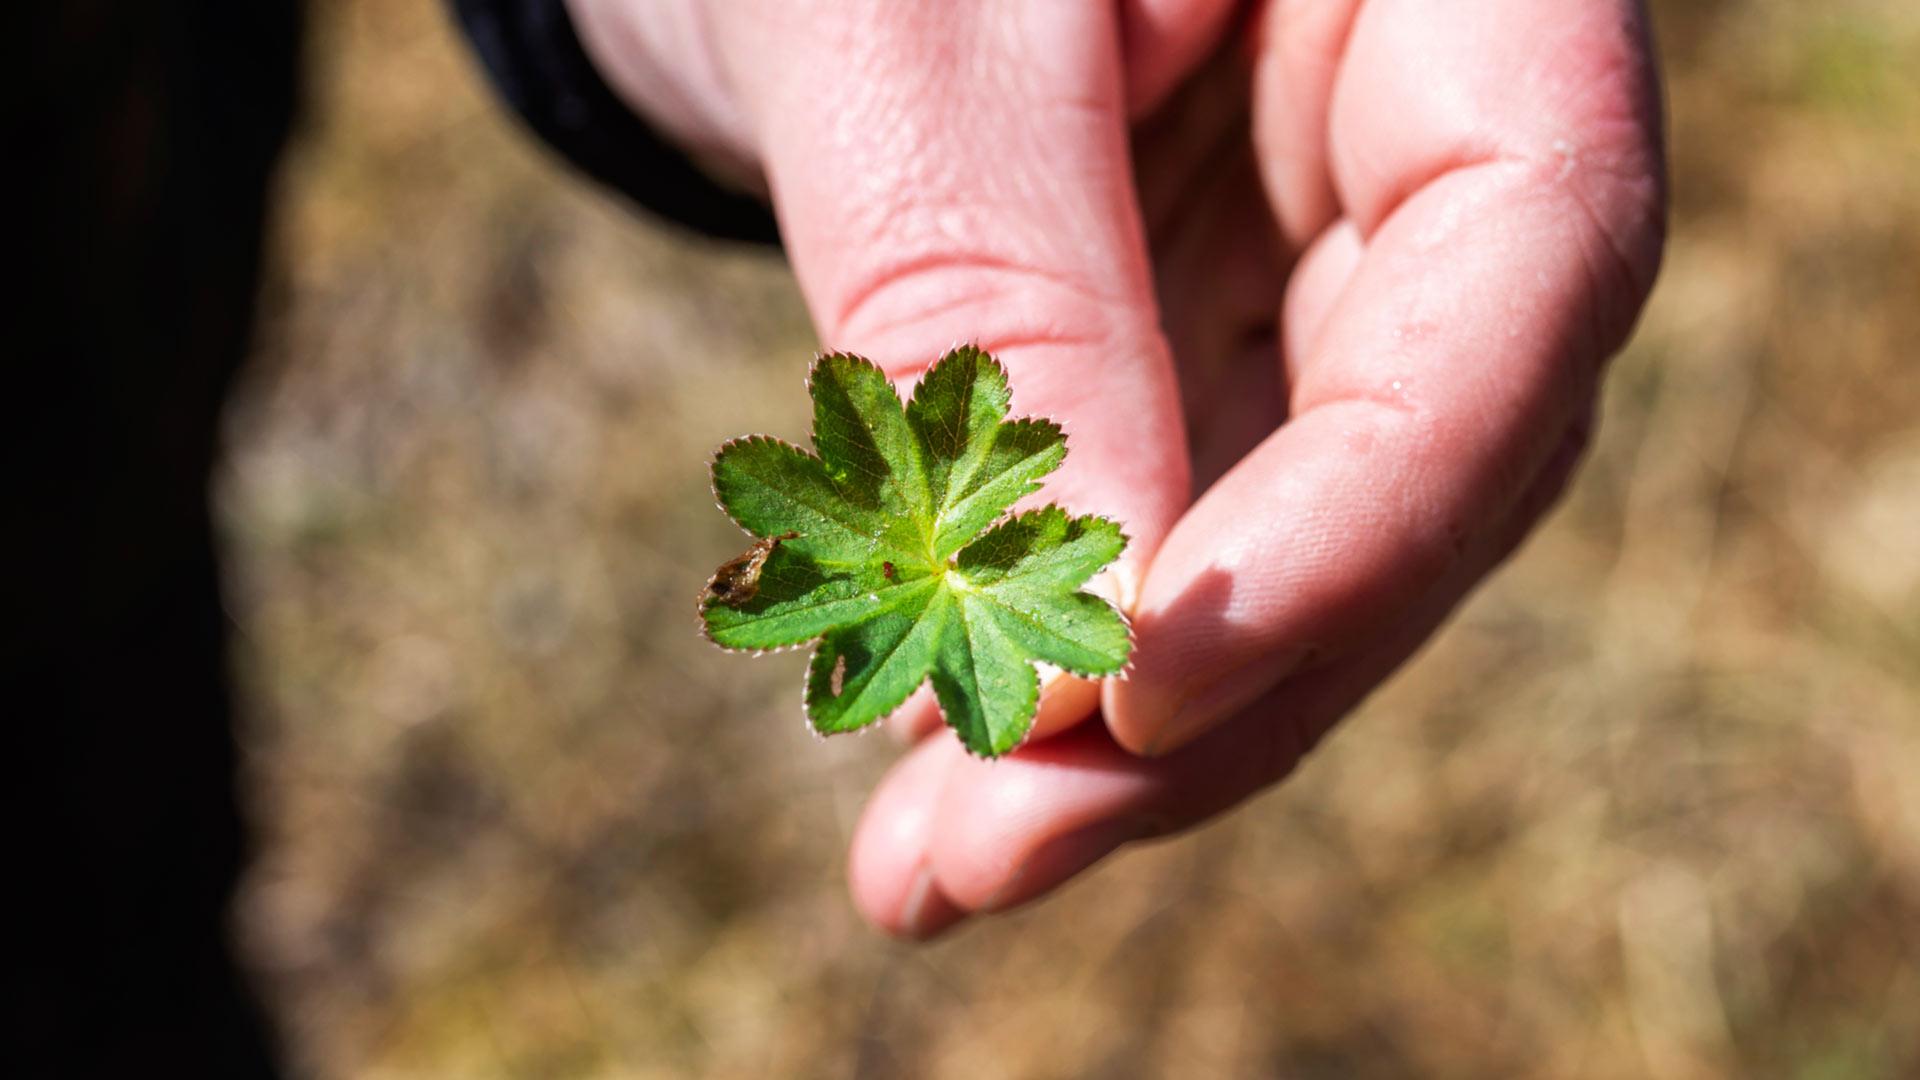 Poimulehti on yksi toukokuussa poimittavista luonnonyrteistä, joka soveltuu myös salaattiainekseksi.